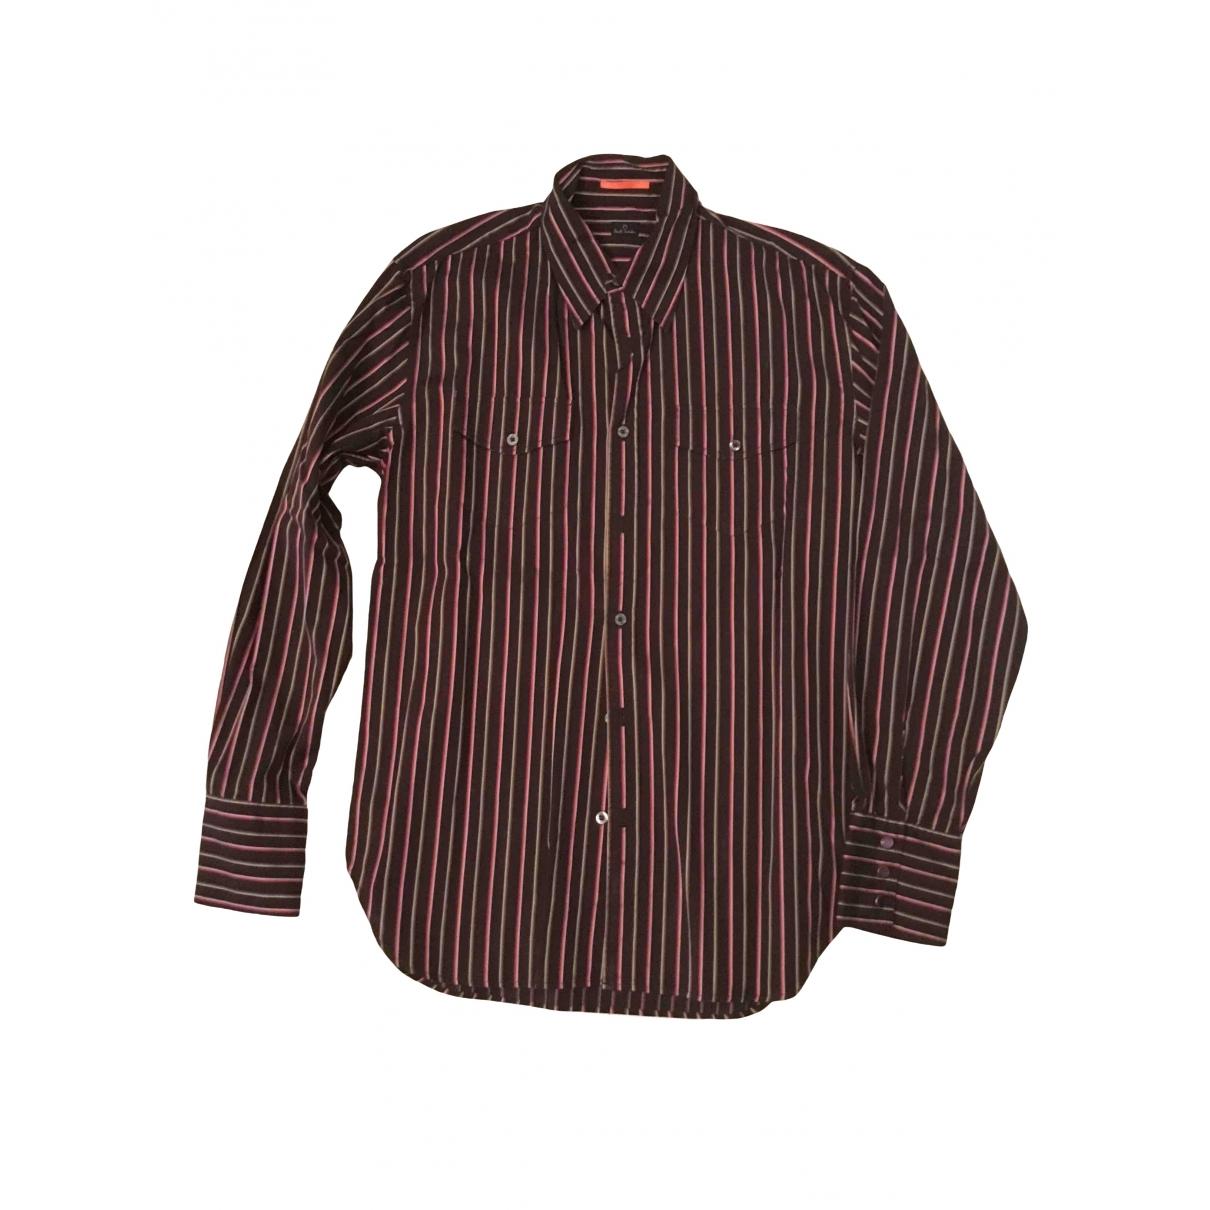 Paul Smith - Chemises   pour homme en coton - marron